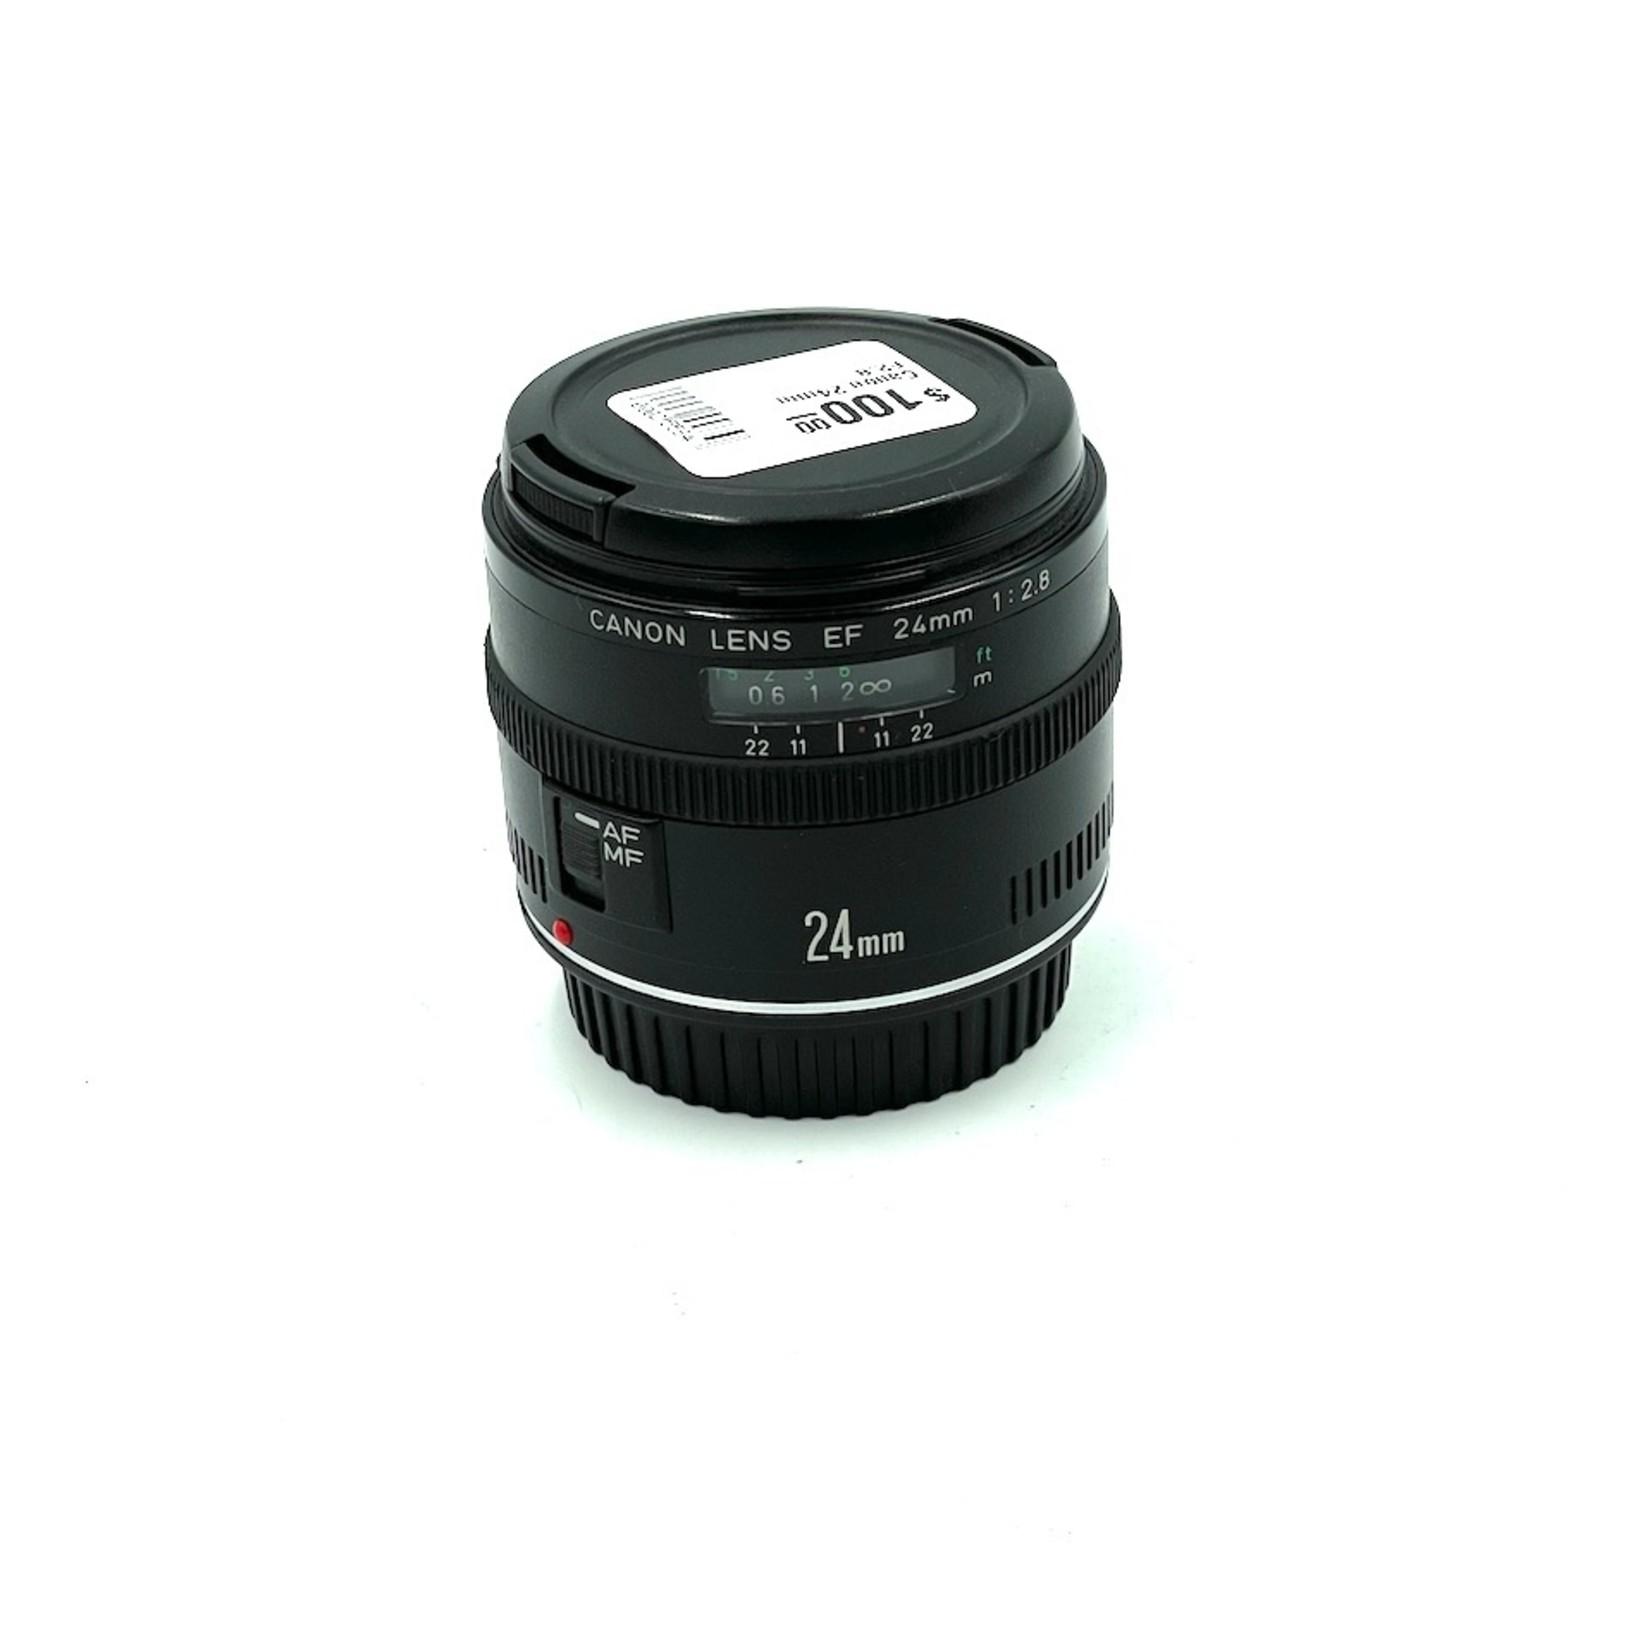 Canon Canon 24mm F2.8